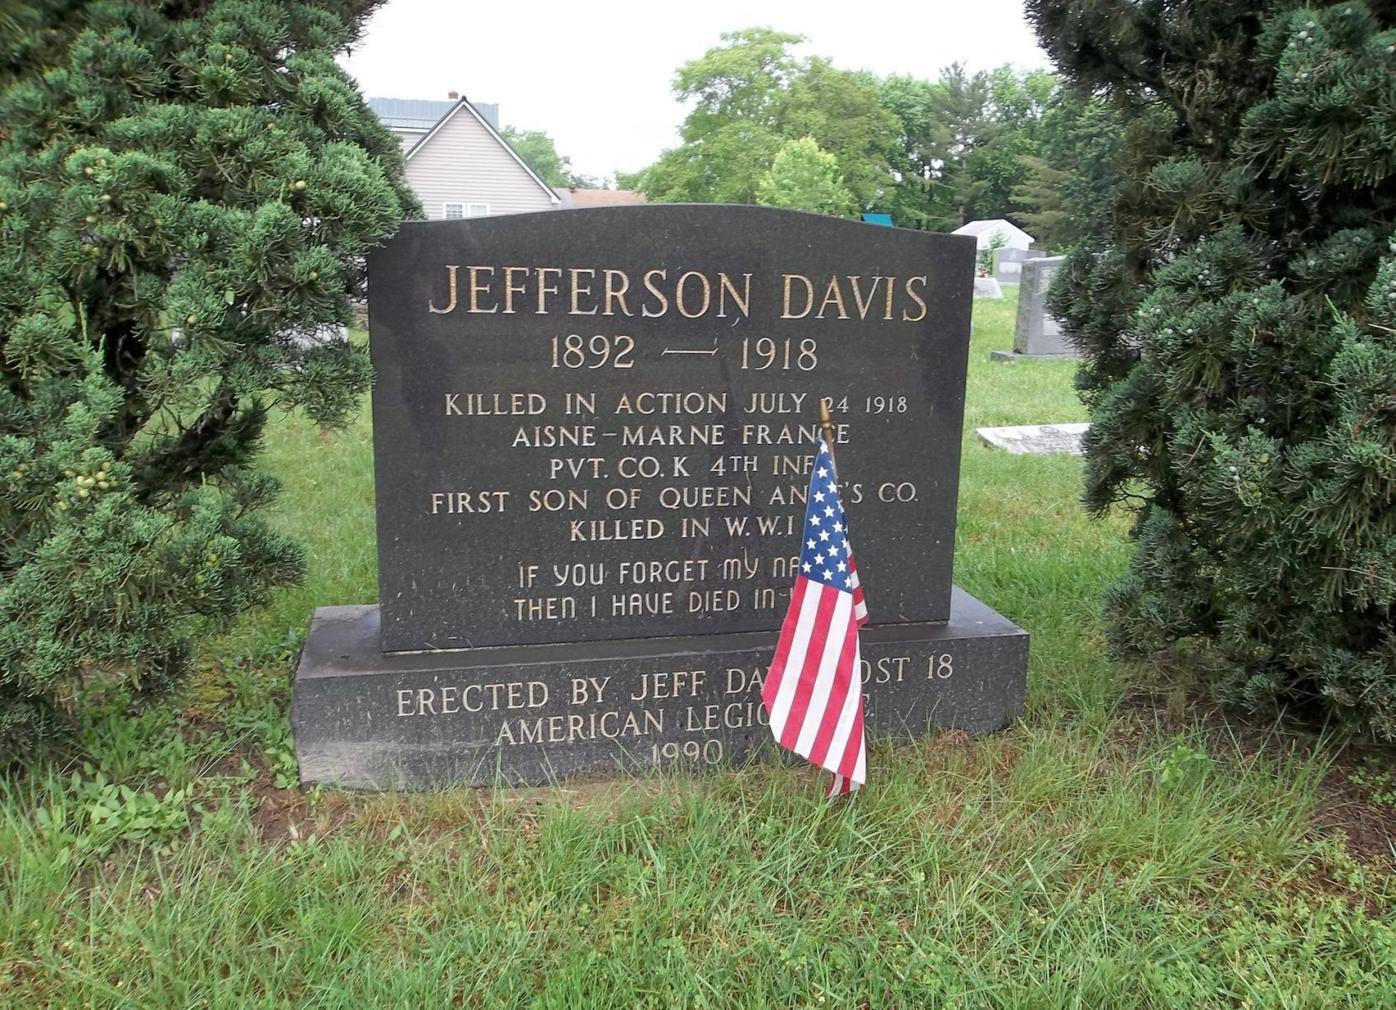 Memorial Day at Jeff Davis Post 18